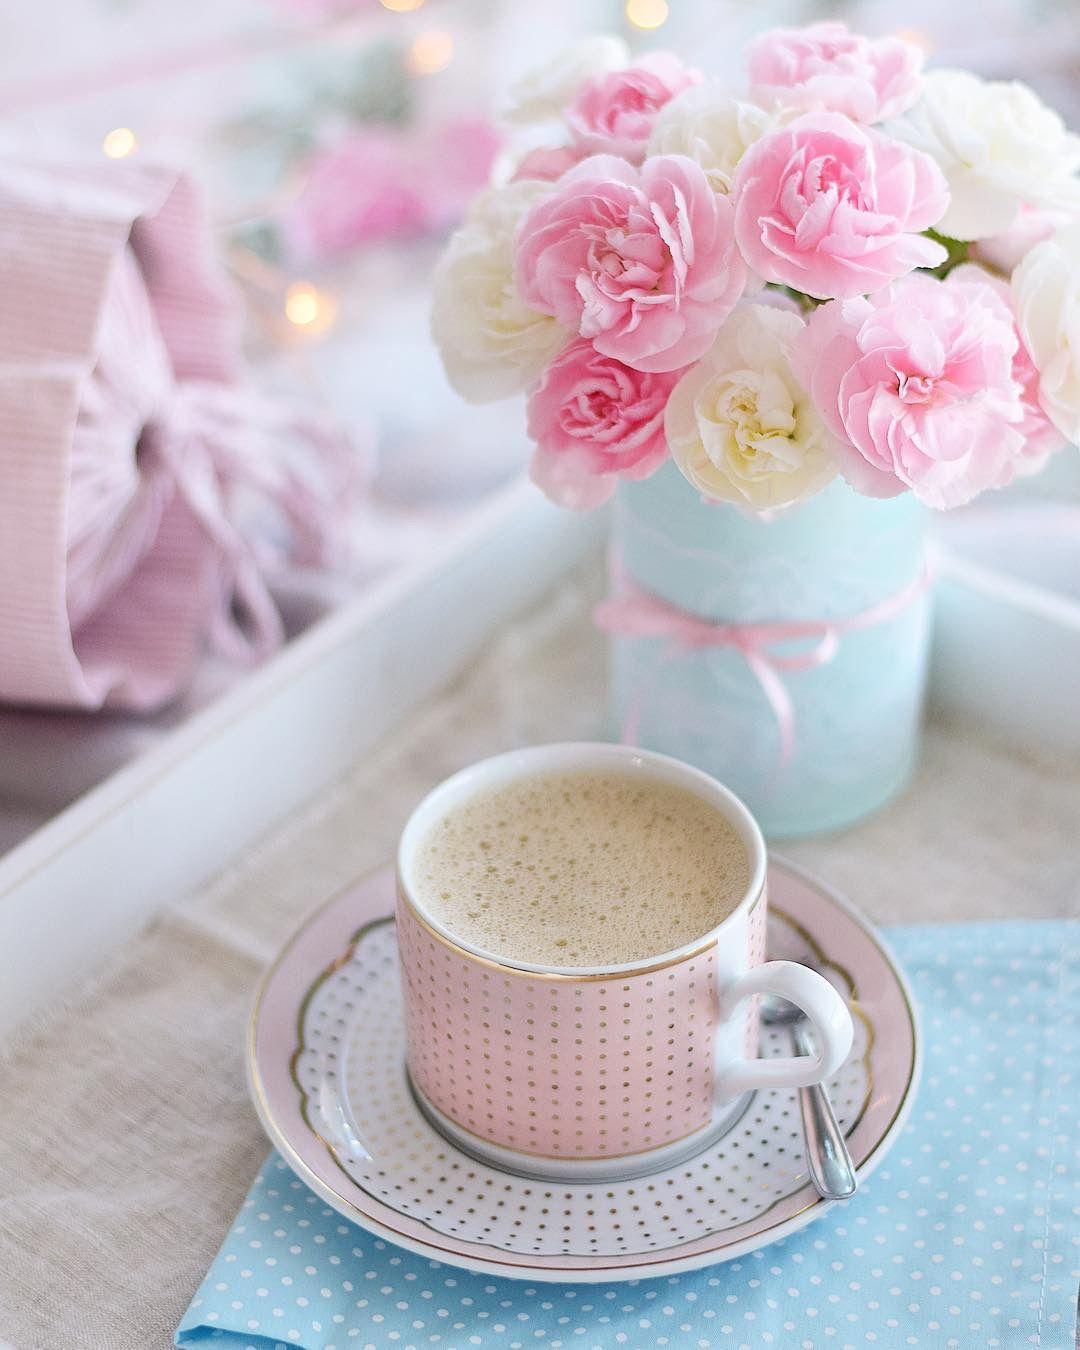 Доброе утро красивые открытки фото